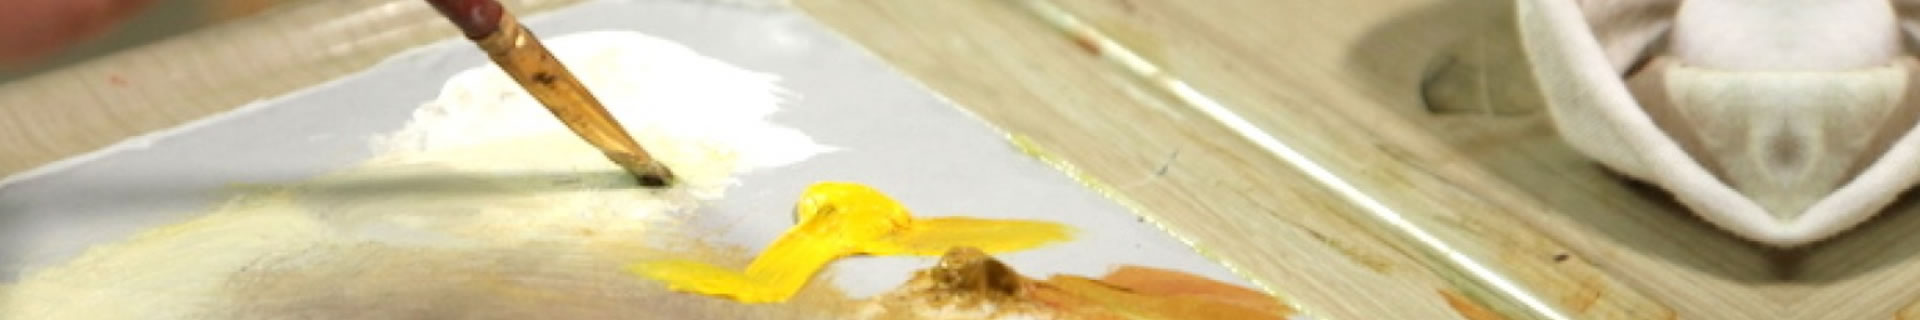 Técnicas  de Pinturas Artísticas –  Grafite, Aquarela, Guache, Nanquim e Pintura a óleo